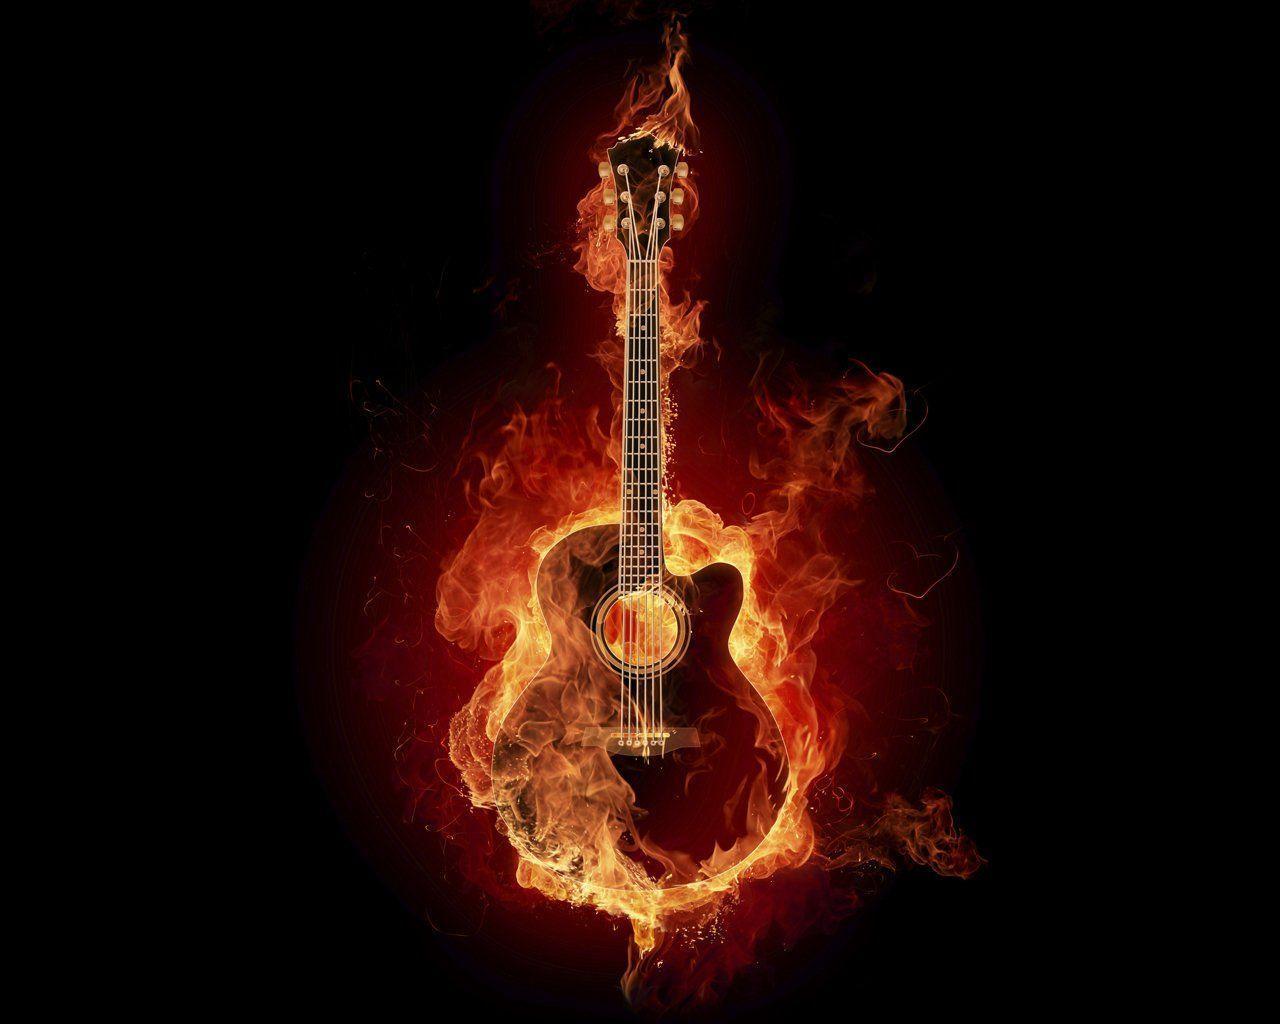 Burning Guitar Wallpapers - Wallpaper Cave